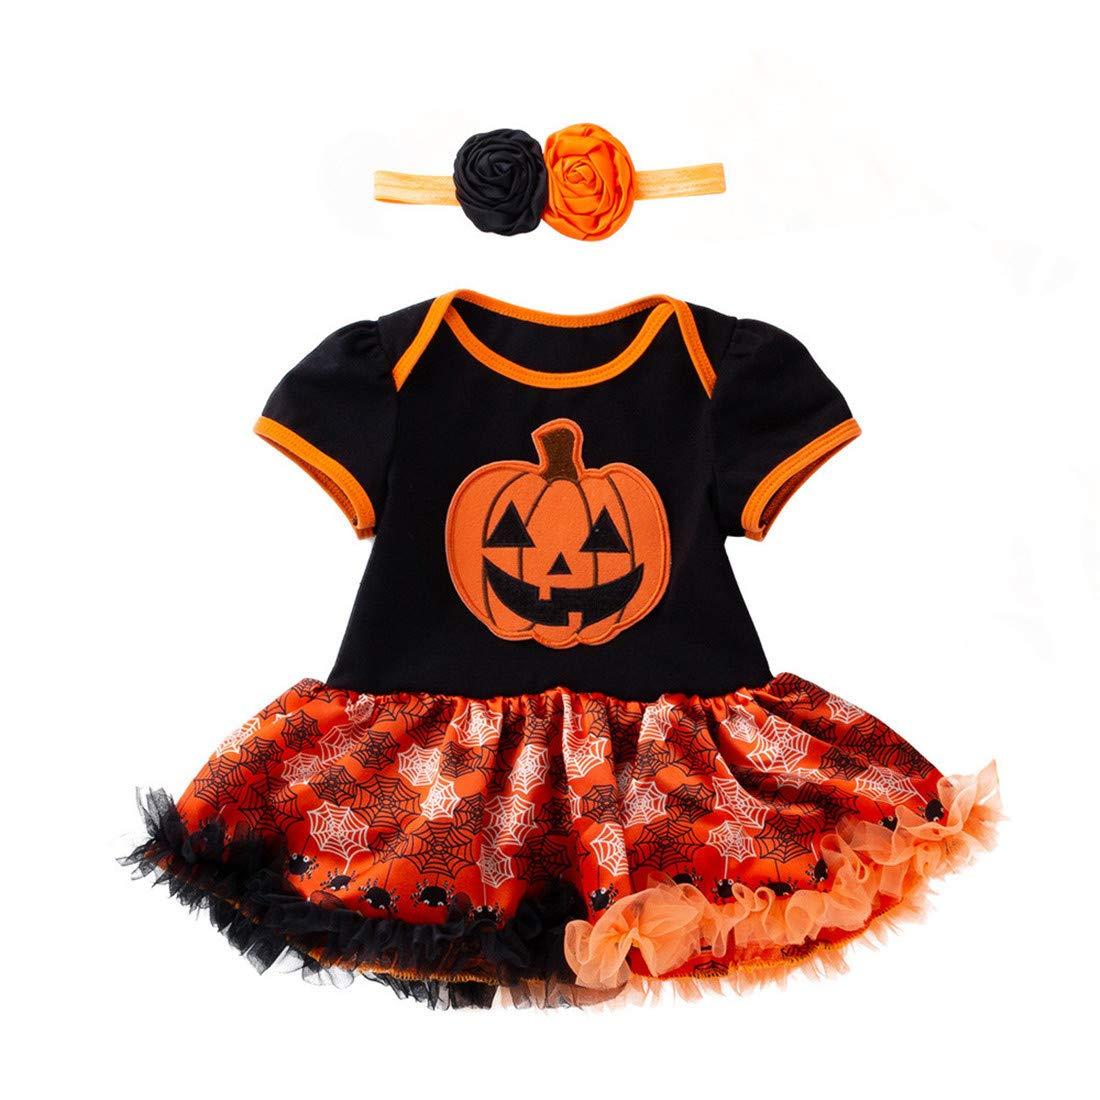 LianMengMVP Bébé Filles Halloween Robes Citrouille Robe De FêTe Arc Orange